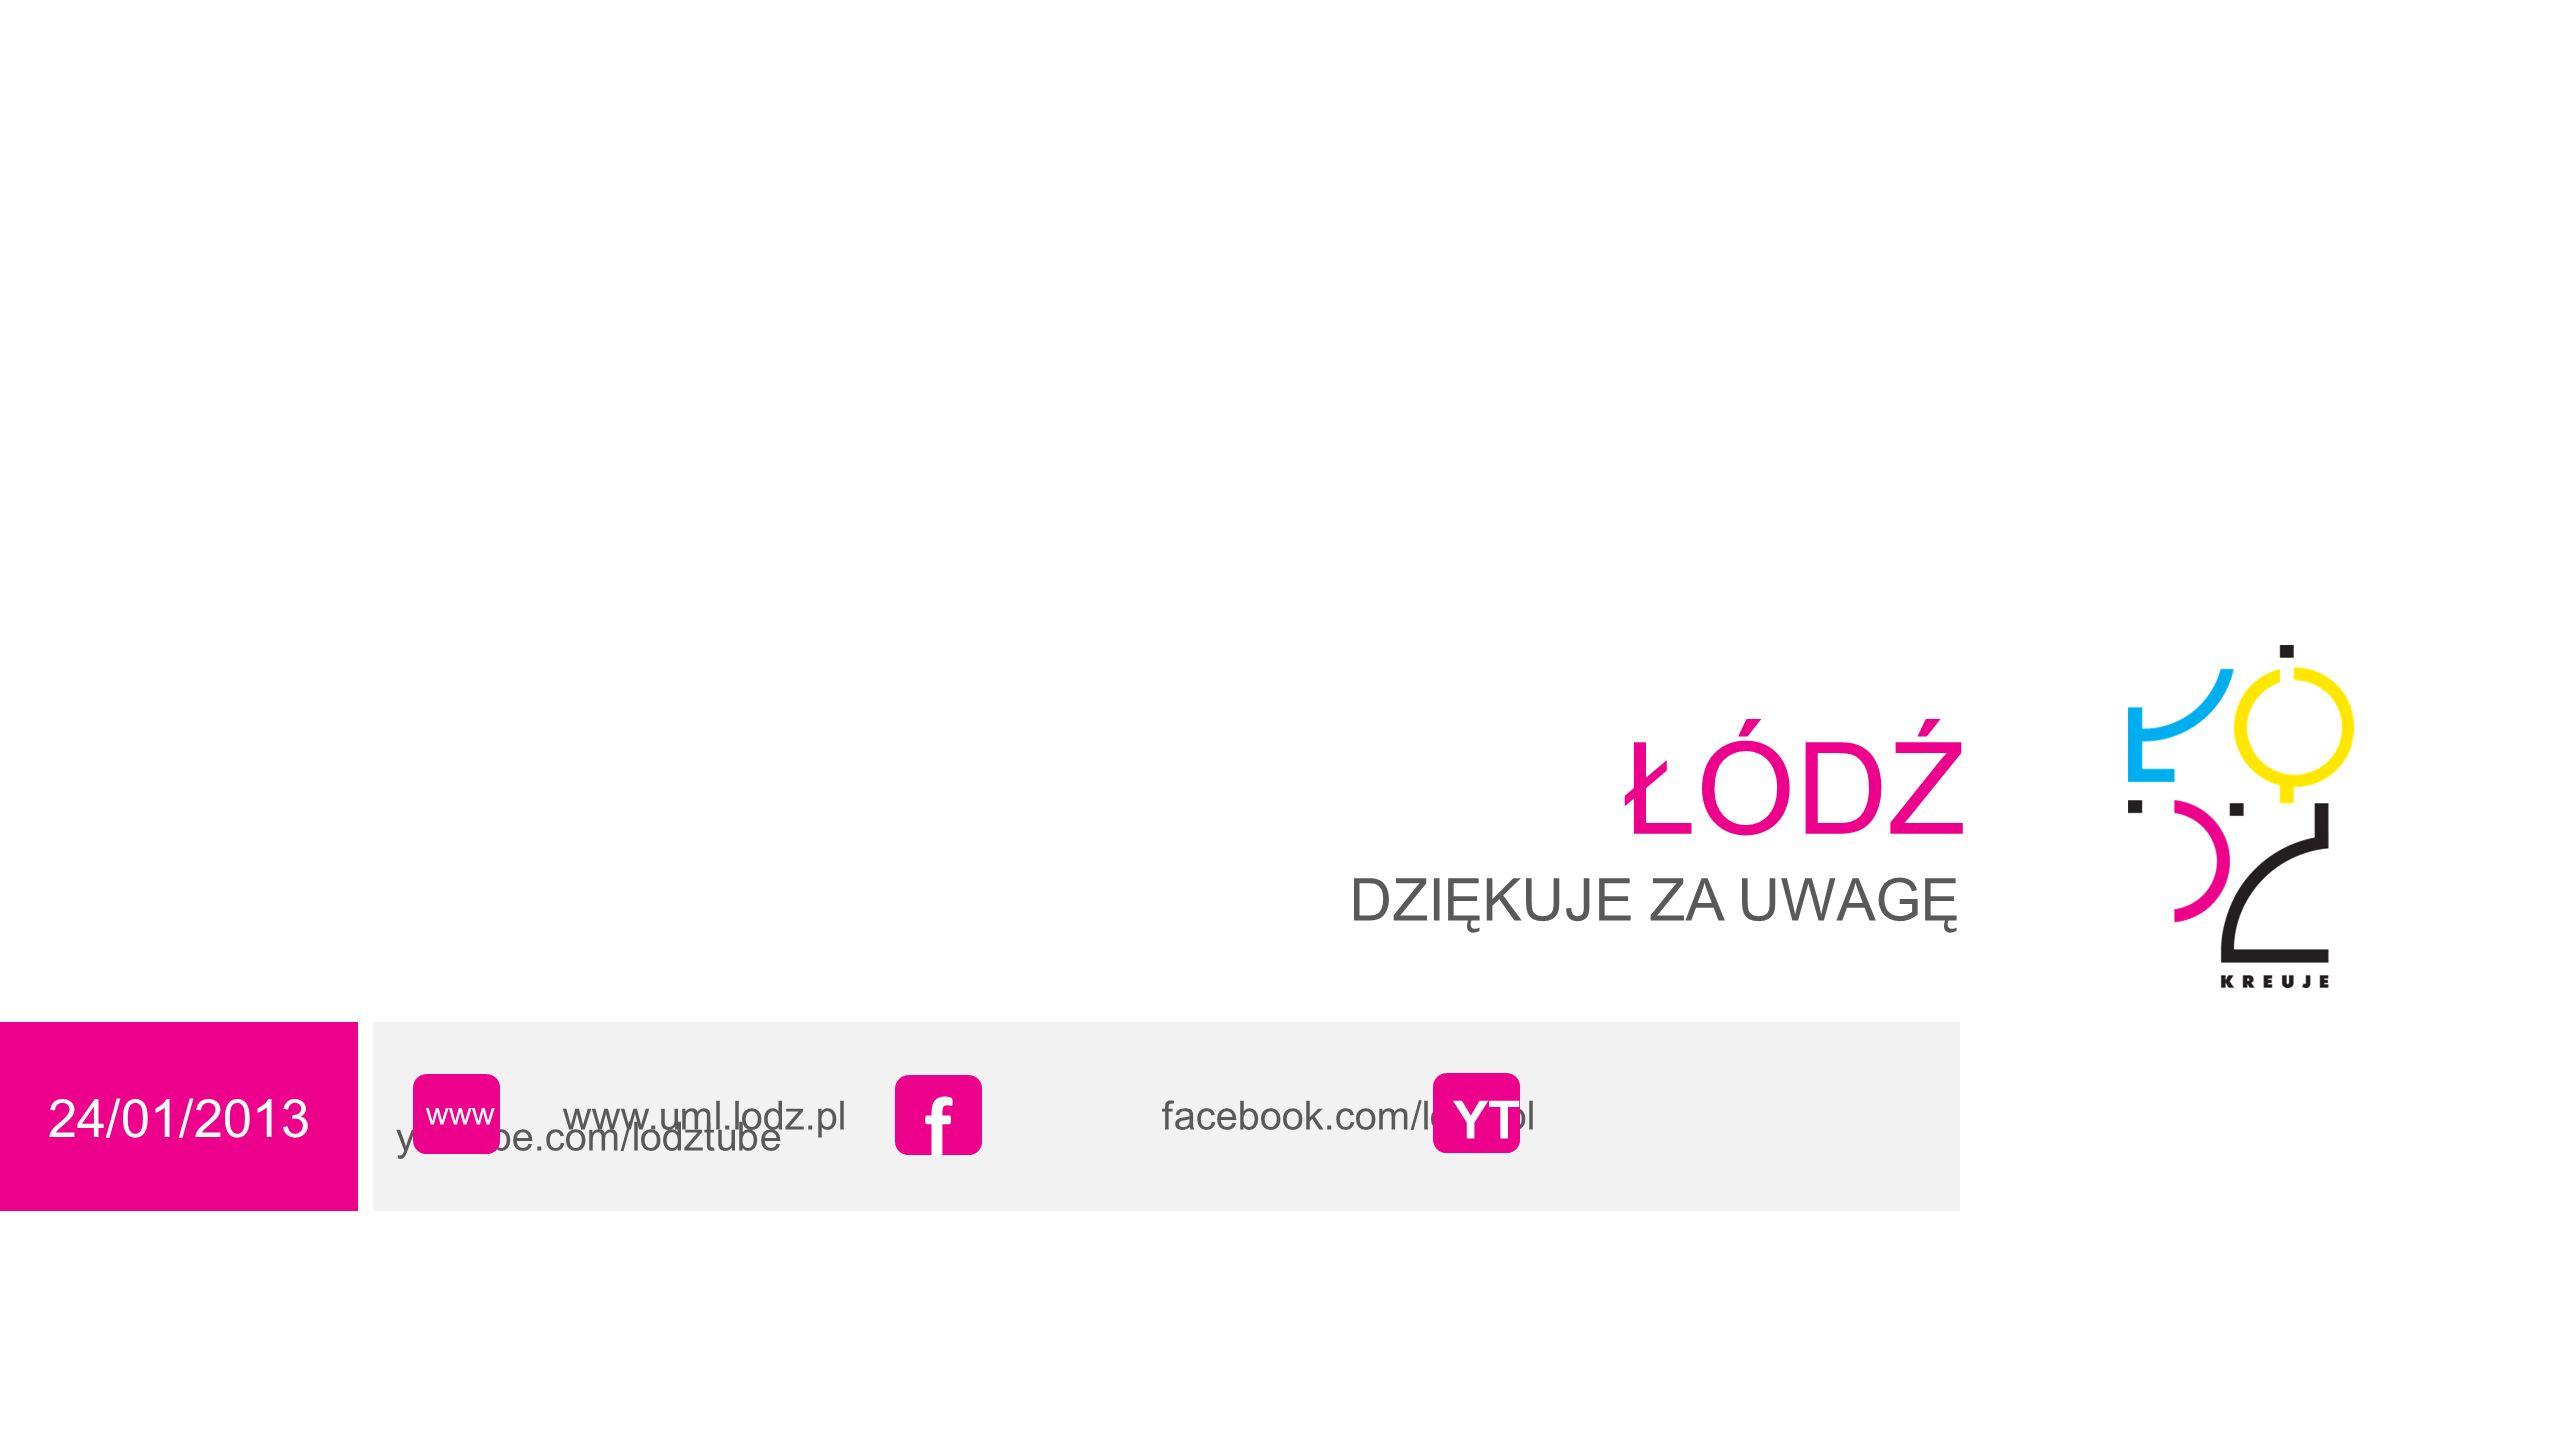 24/01/2013 ŁÓDŹ DZIĘKUJE ZA UWAGĘ www.uml.lodz.pl facebook.com/lodz.pl youtube.com/lodztube www f YT